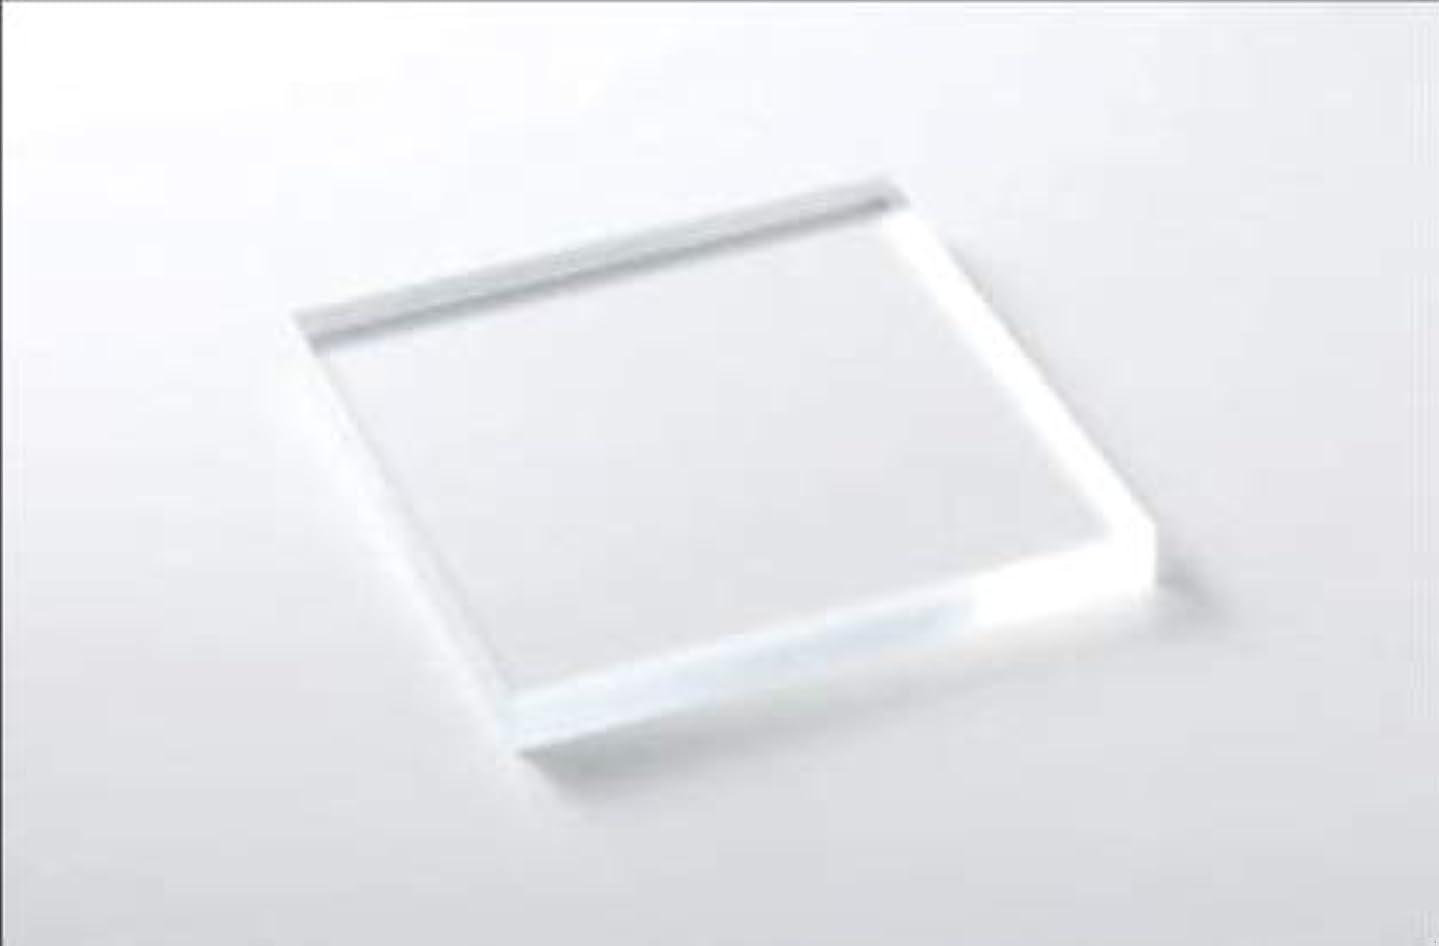 付録豚安心プラスチック アクリル 切板(透明) 板厚 8mm 780mm×990mm